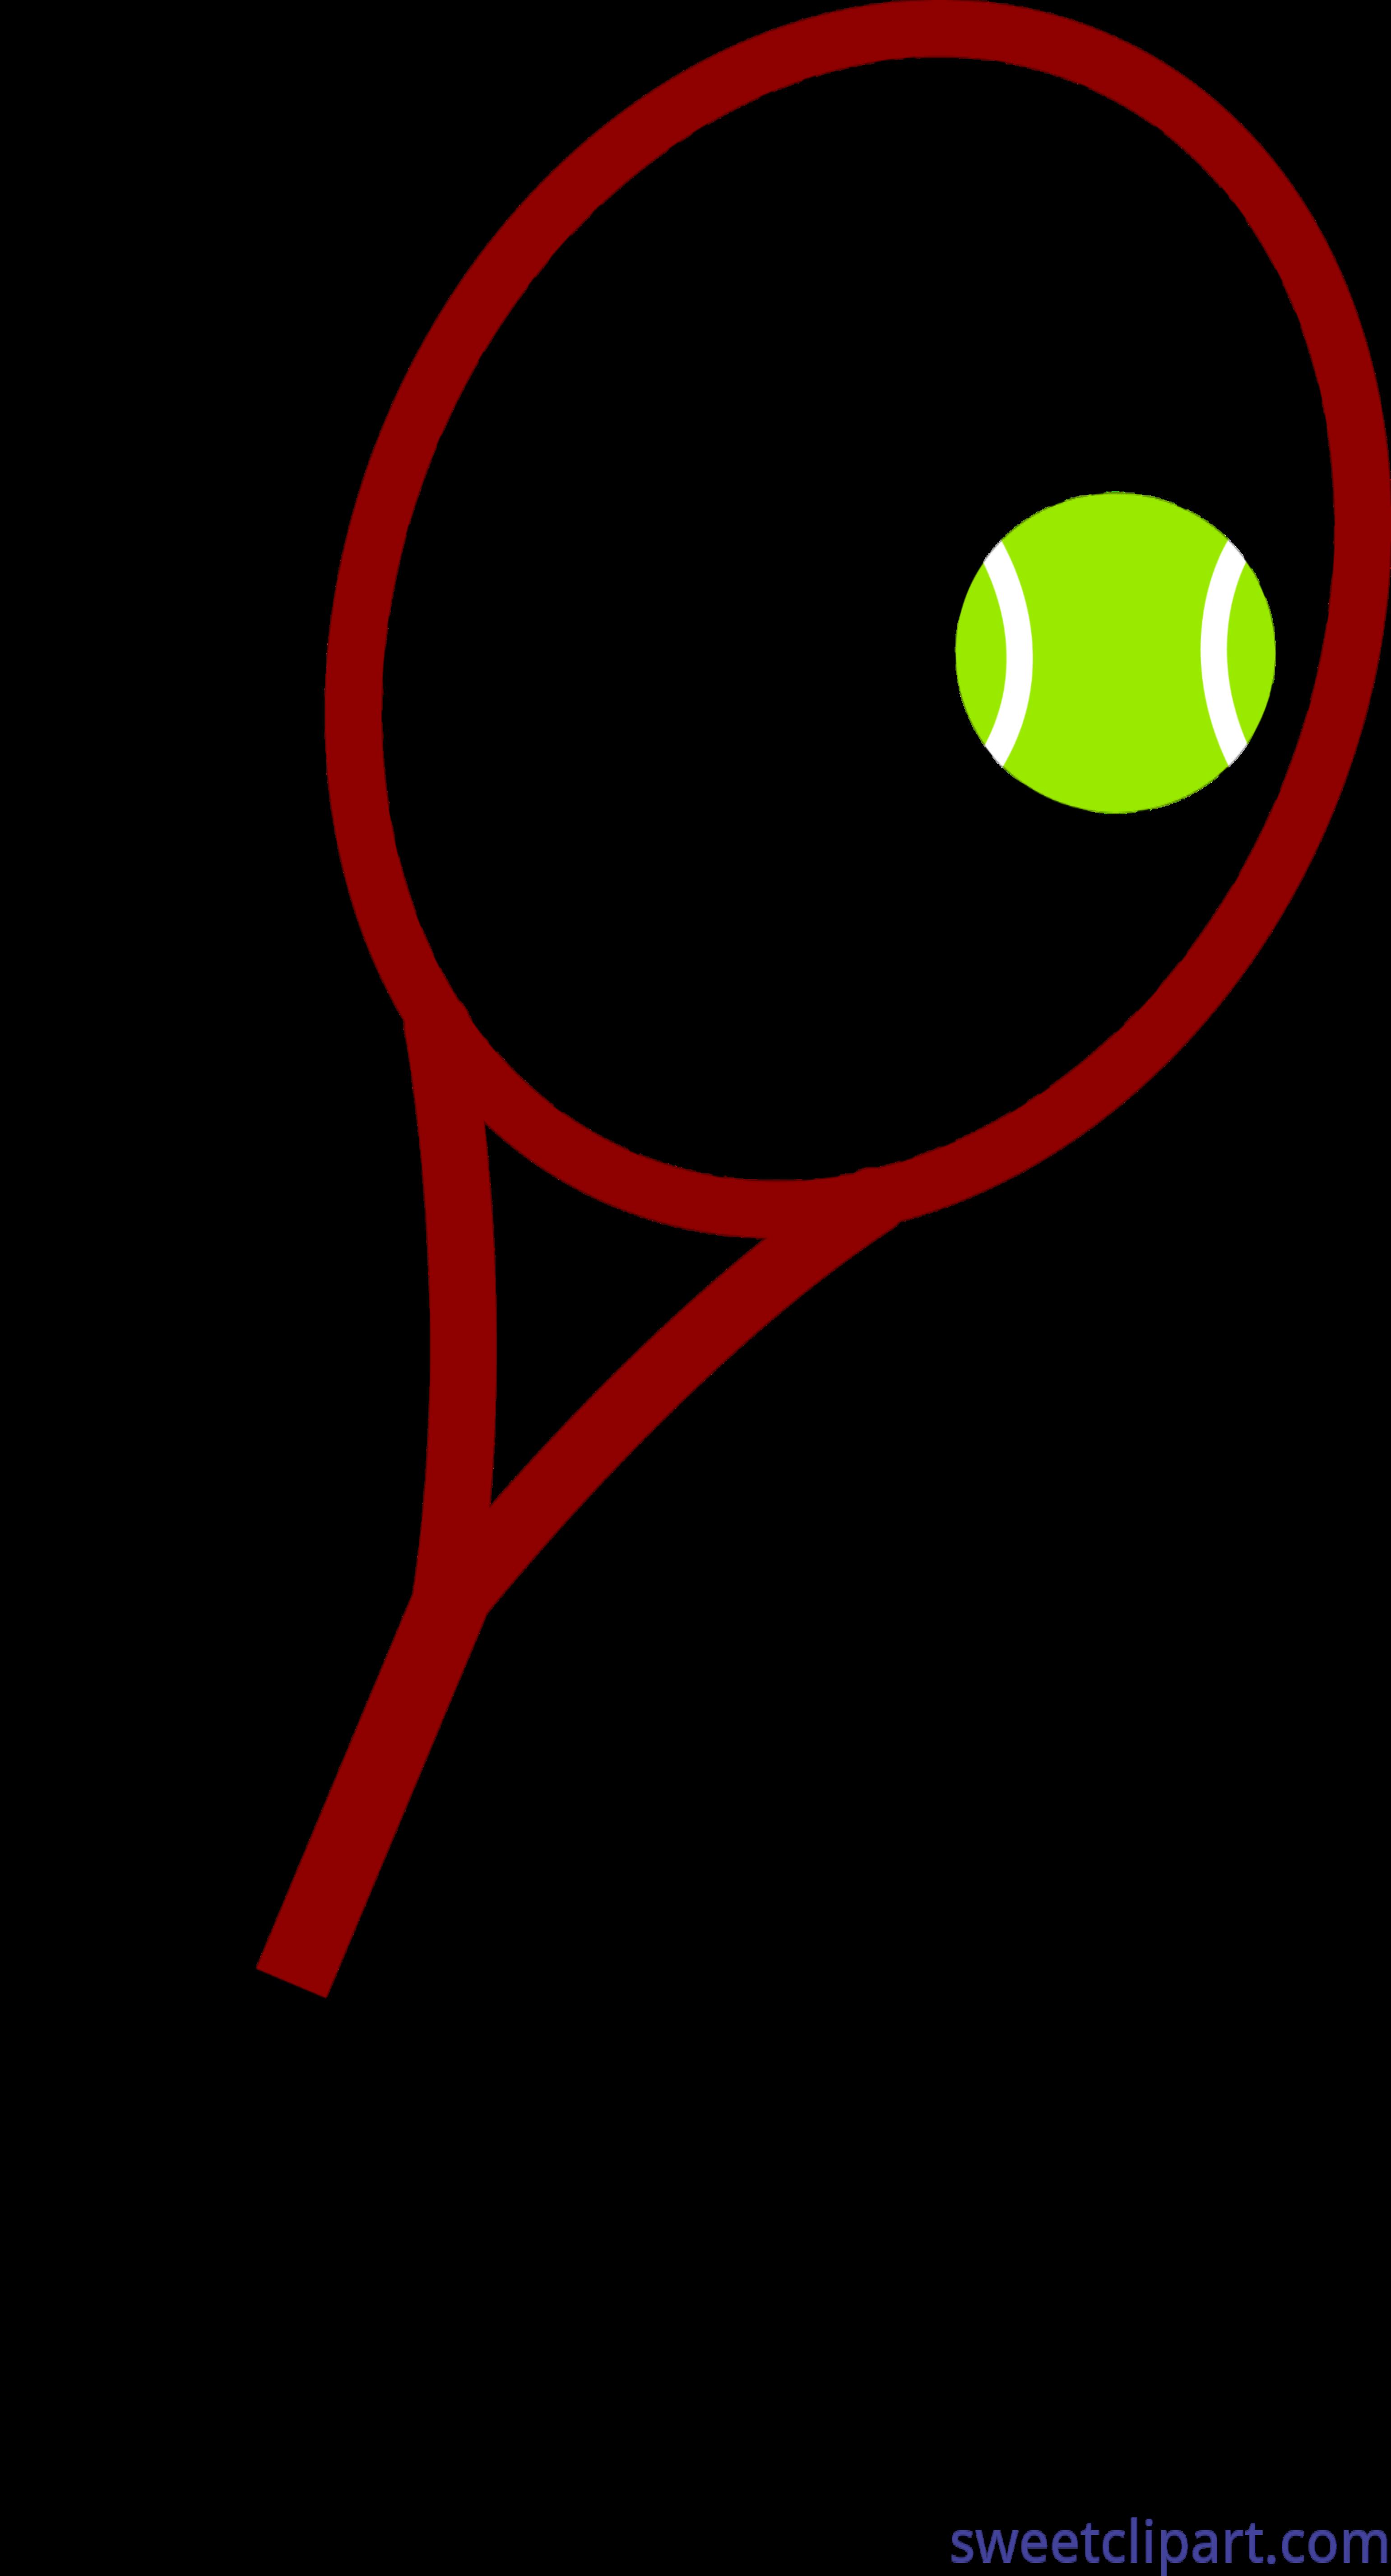 Tennis Ball And Racket Clip Art.